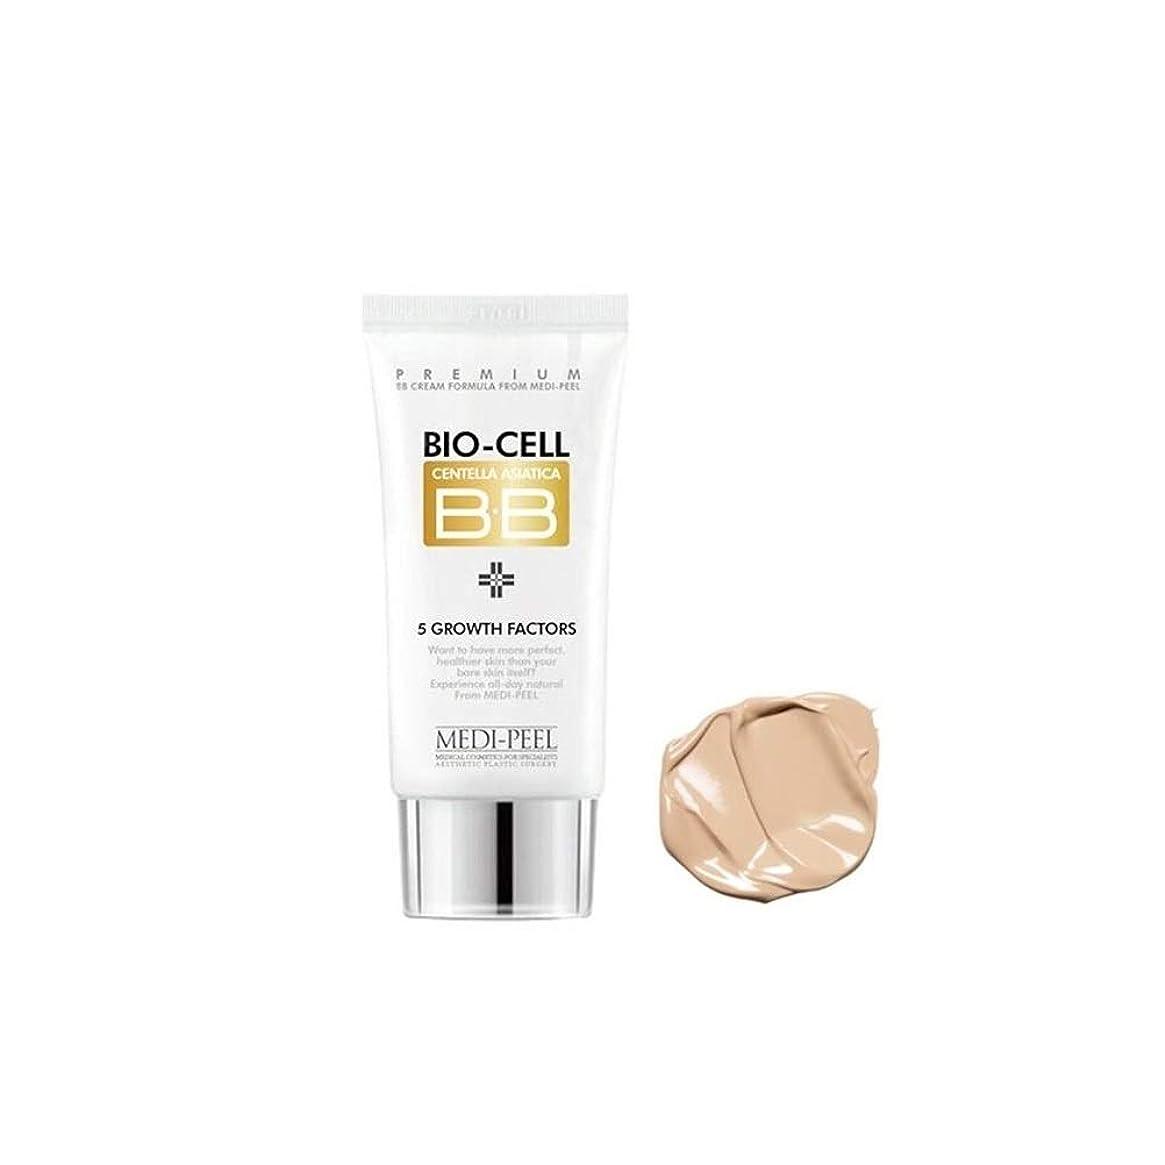 役に立たないトレーニング発行する[Medi-Peel] メディピール バイオセル BBクリーム 50ml. [美.白?シワ.改善2重機能性化粧品] Medi-Peel Bio-cell BB Cream 50ml.